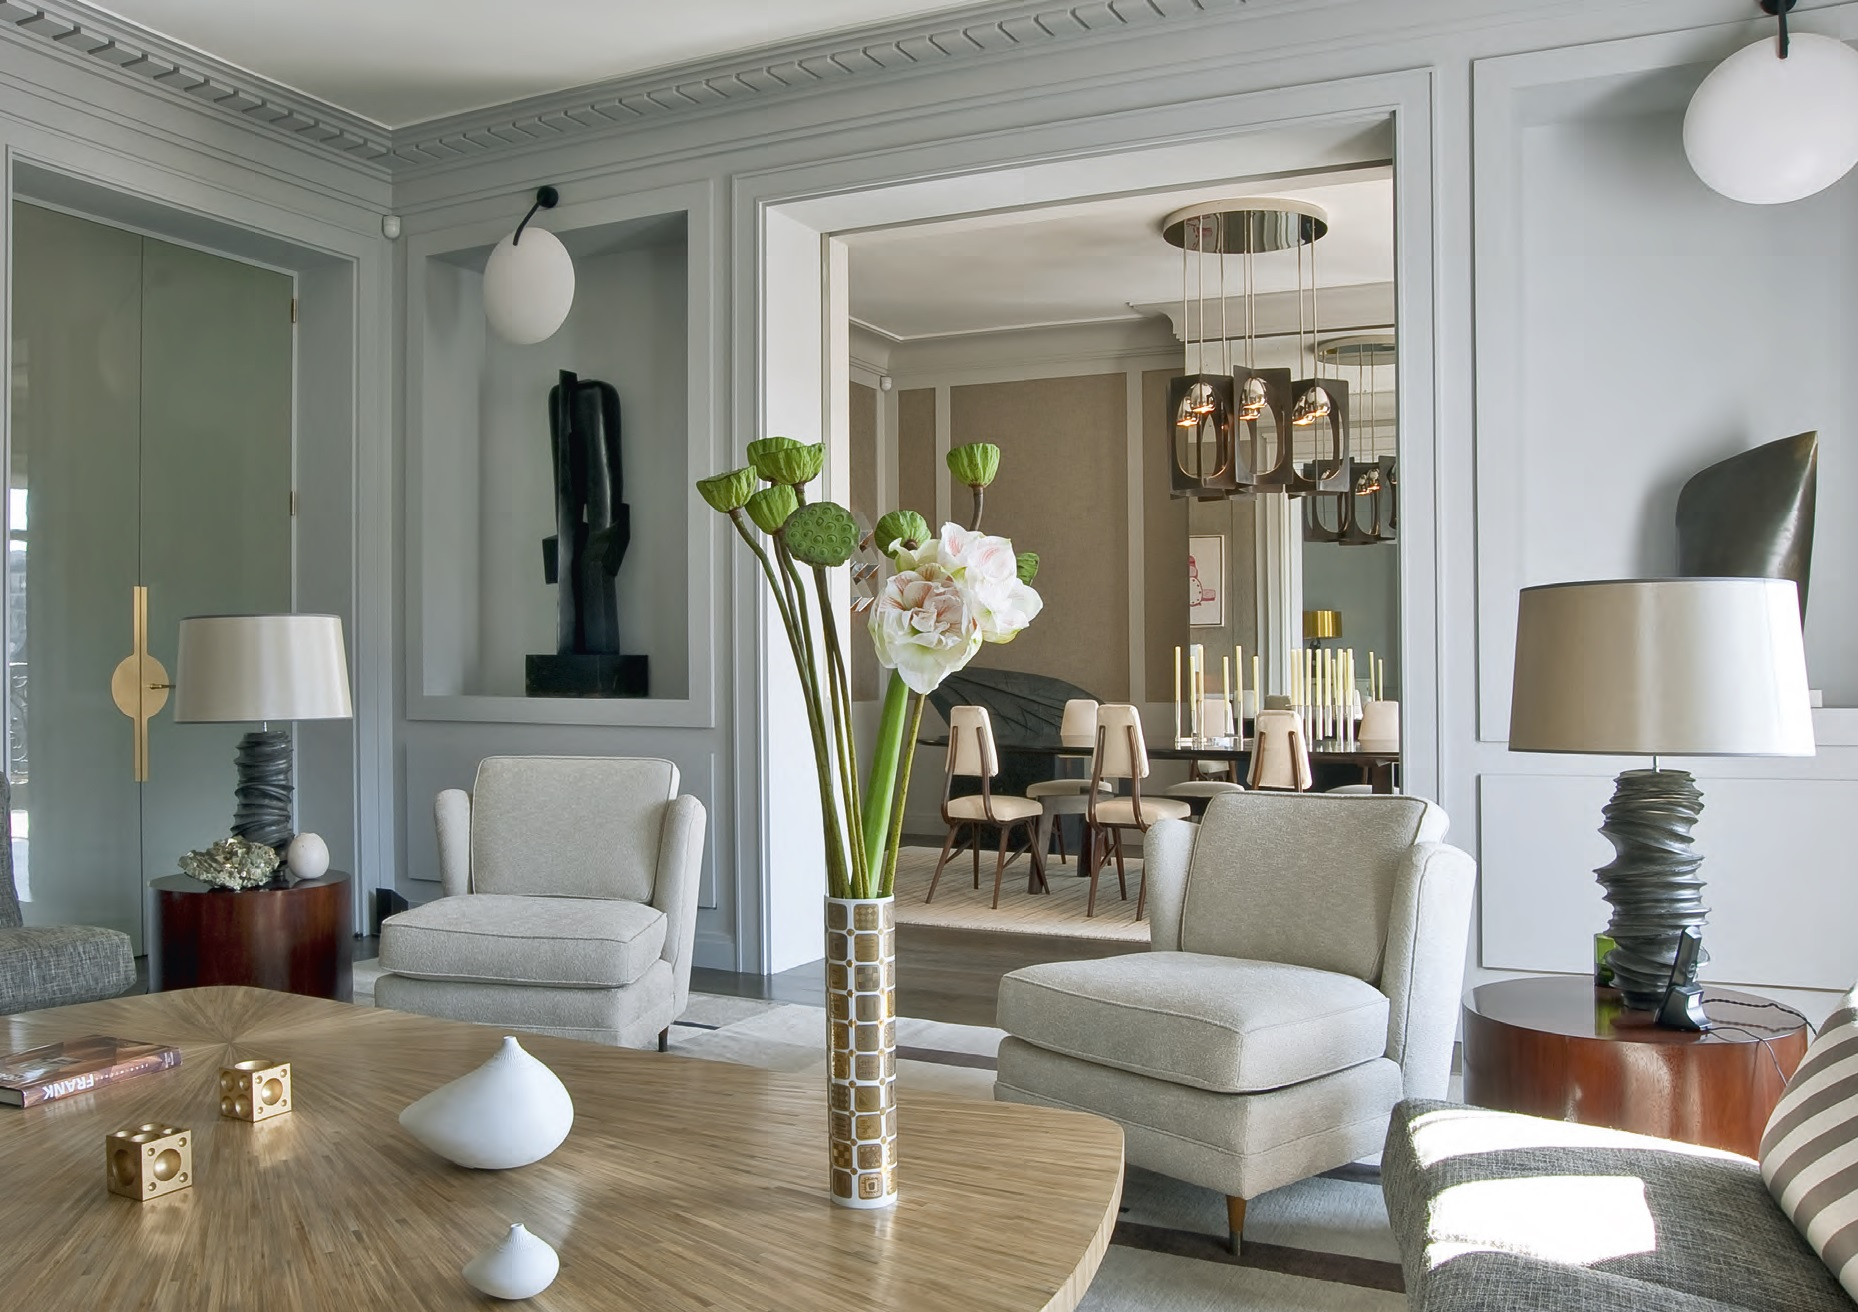 Un appartamento nel trocad ro ville casali for Interni di case eleganti